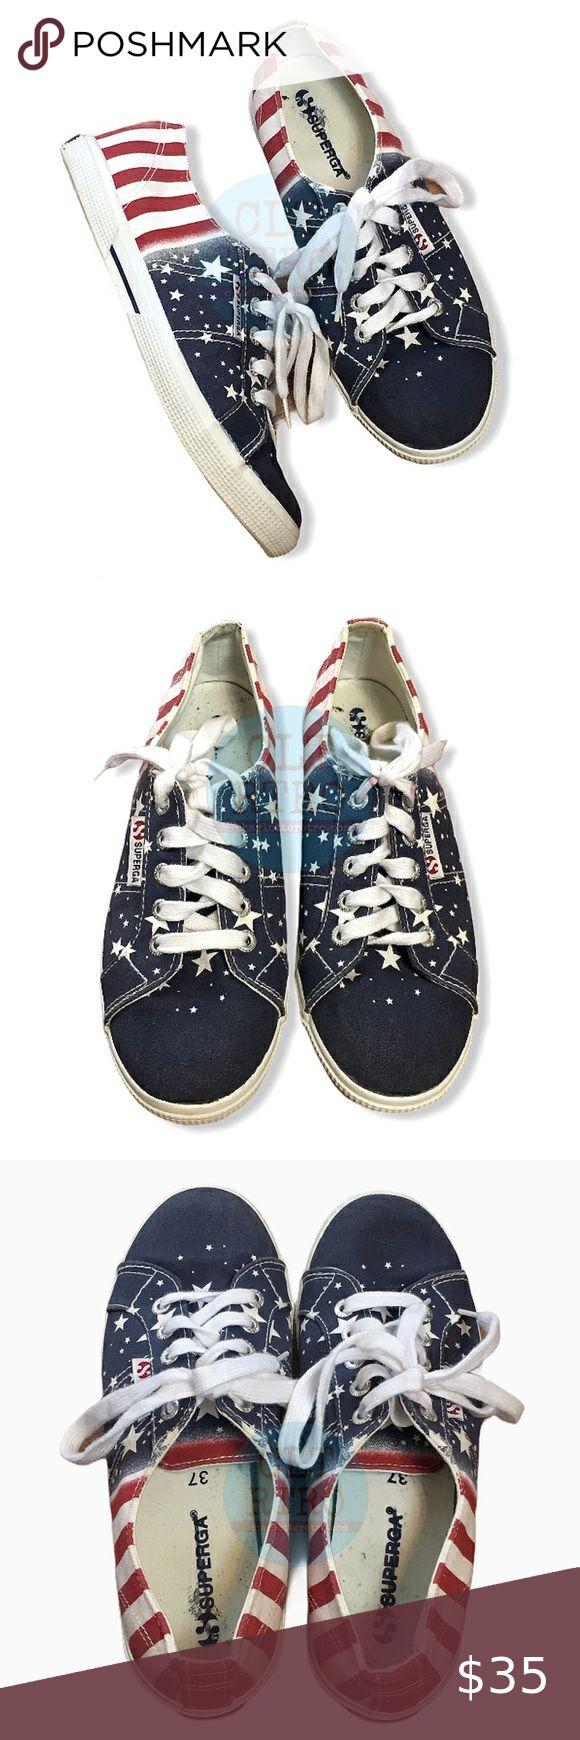 Stars & Stripes SUPERGA Shoes ** Nordstrom Rack Online